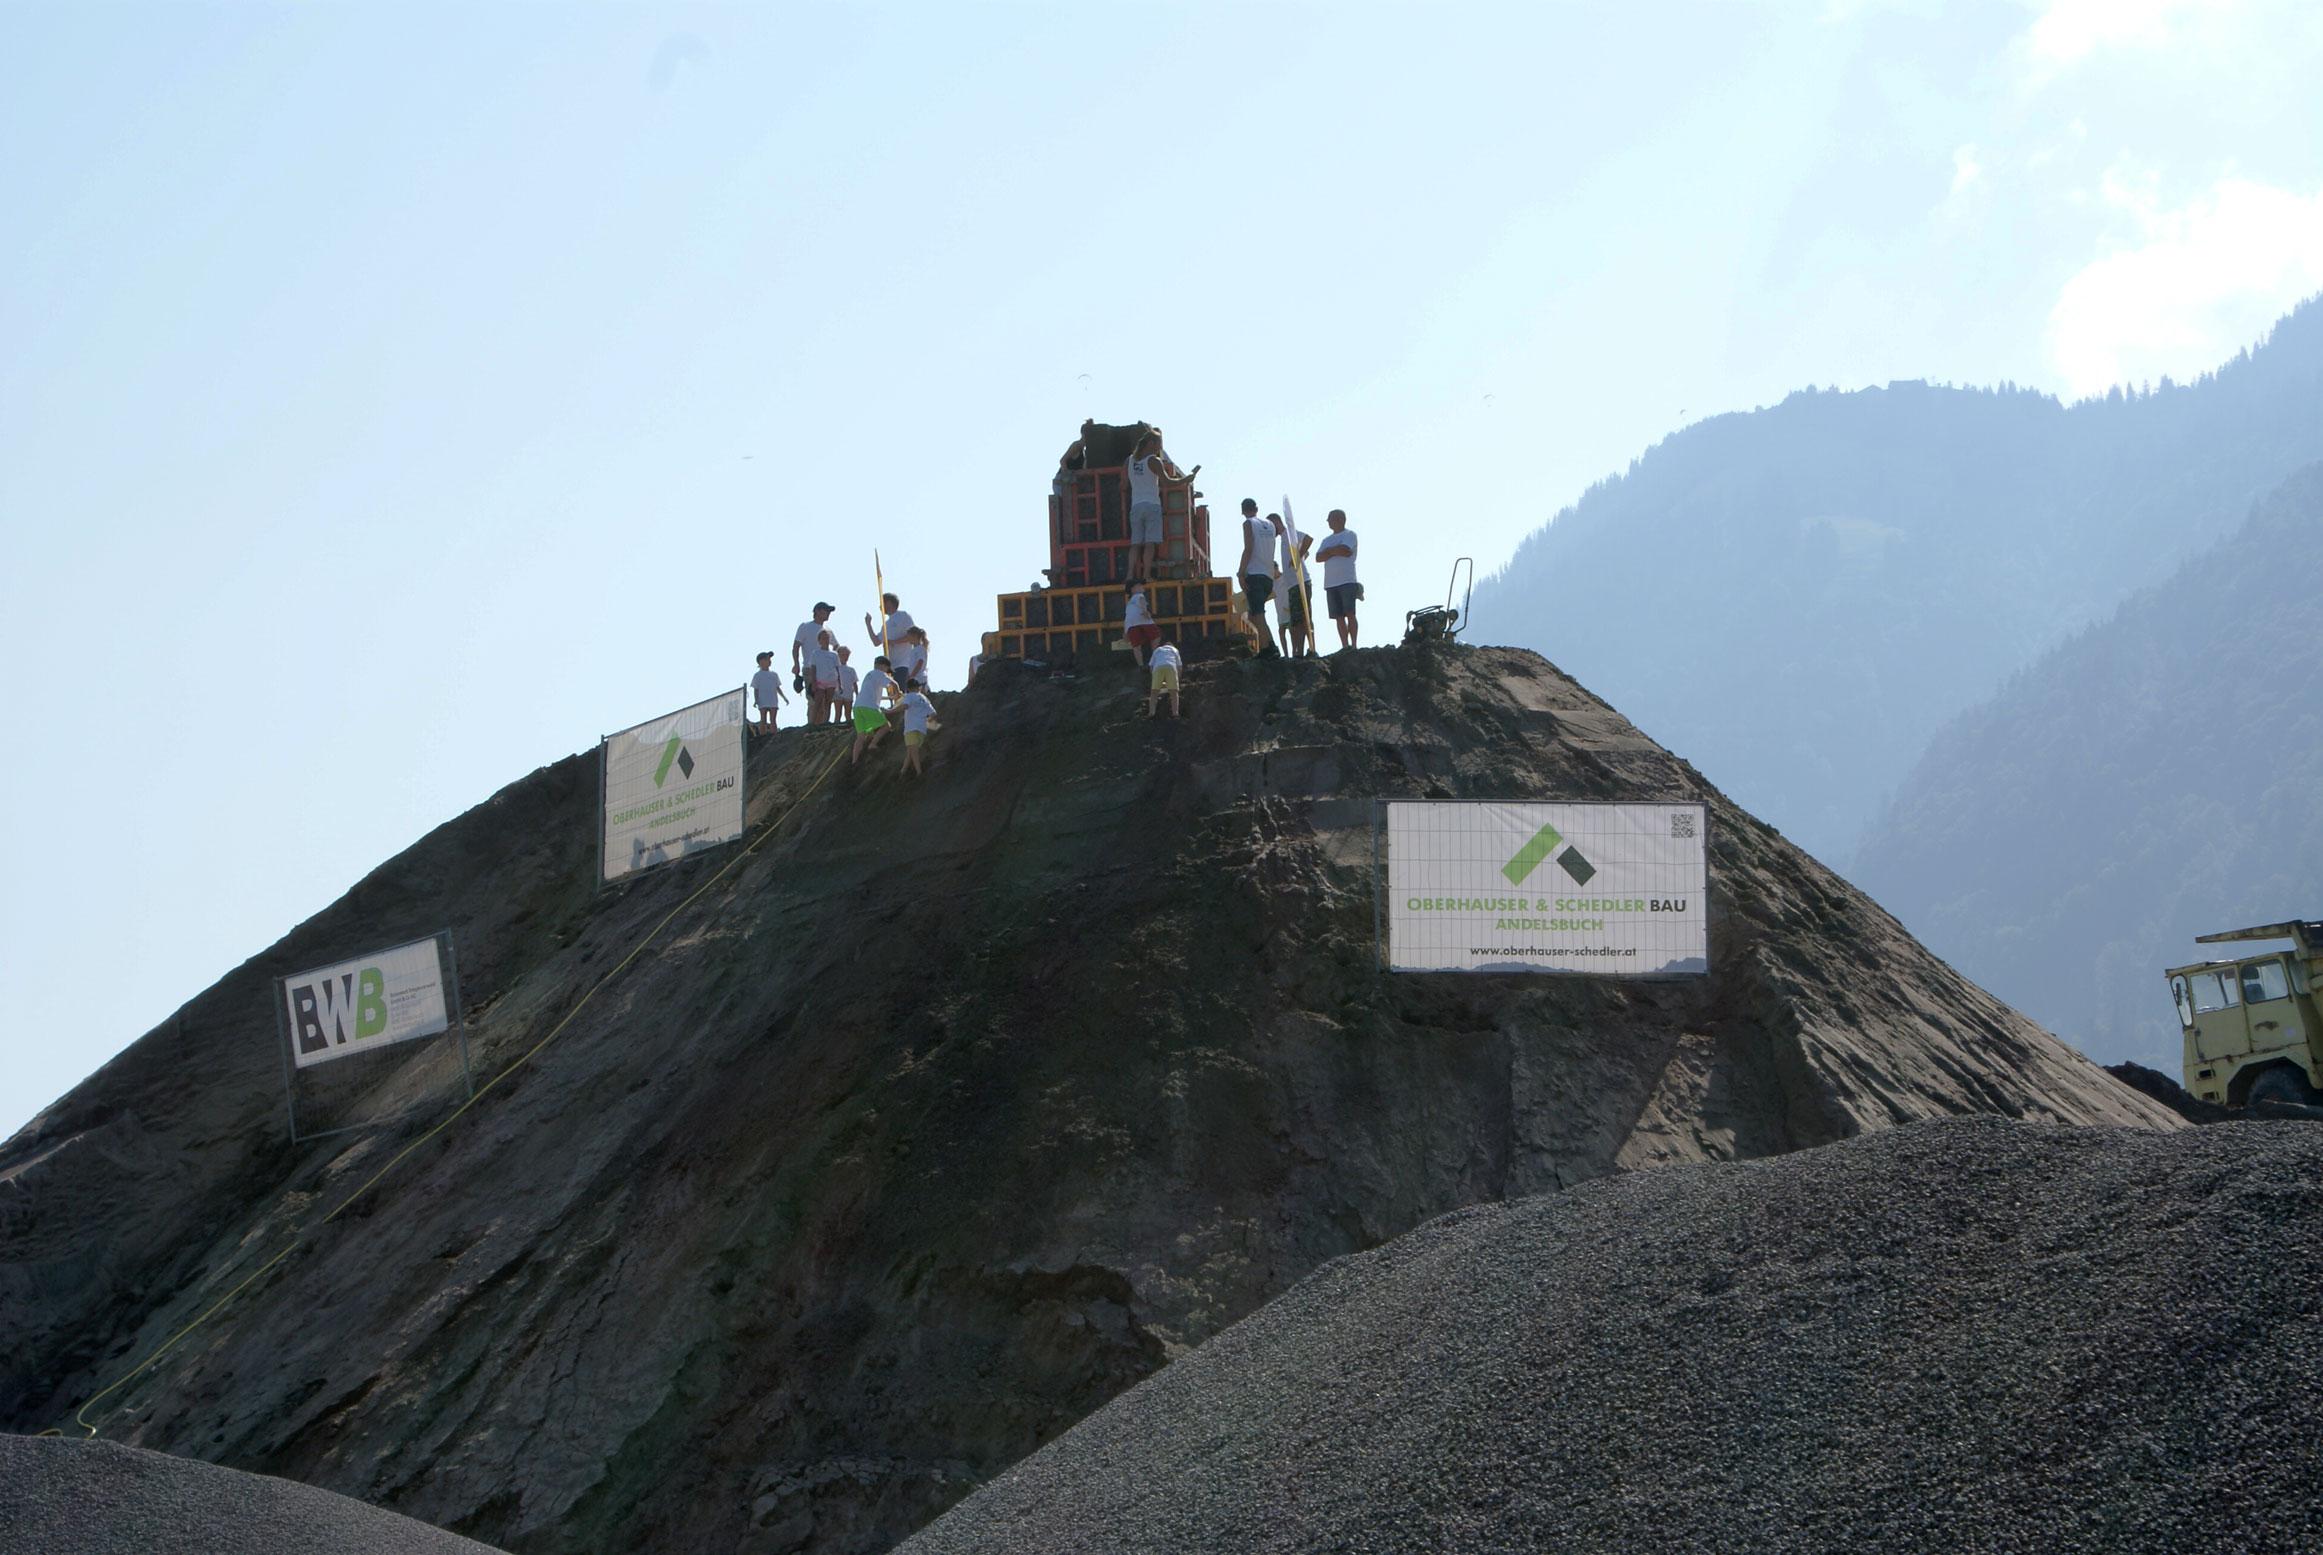 Andelsbuch: Väter und Kinder bauten Riesen-Sandburg